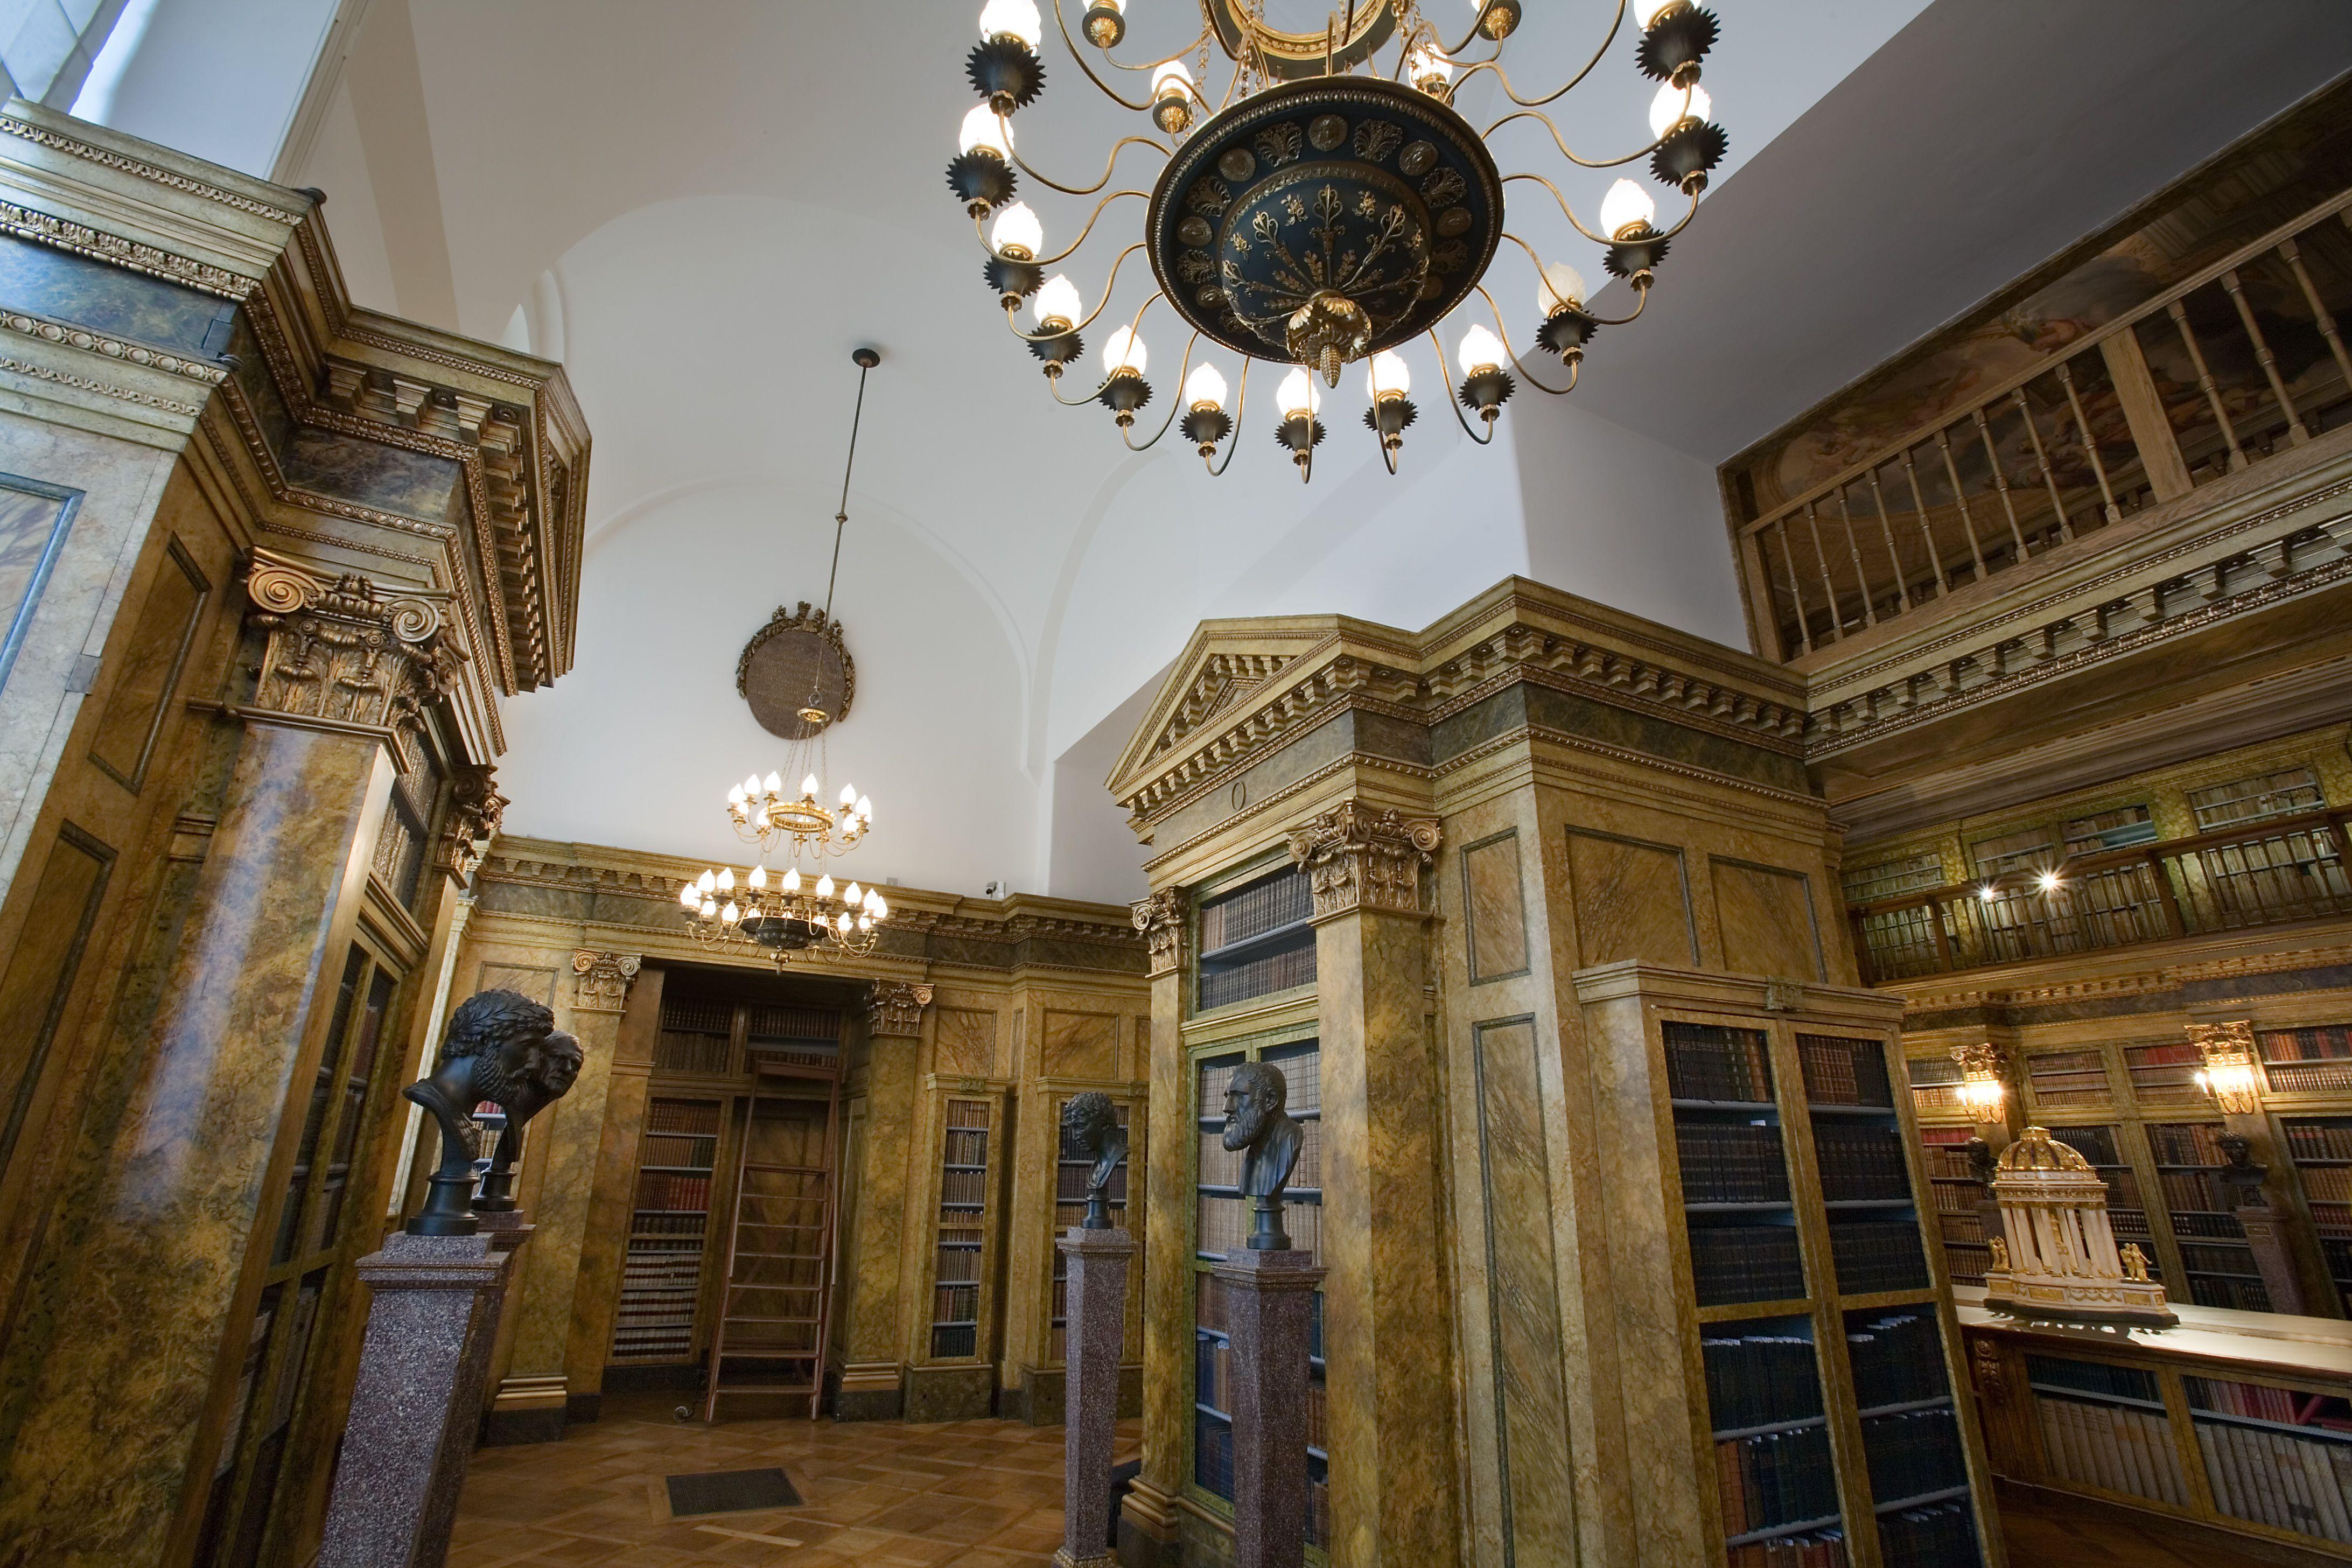 Exquisite Precious Tempietto, on view in Vienna - Liechtenstein Museum and Library, Austria.